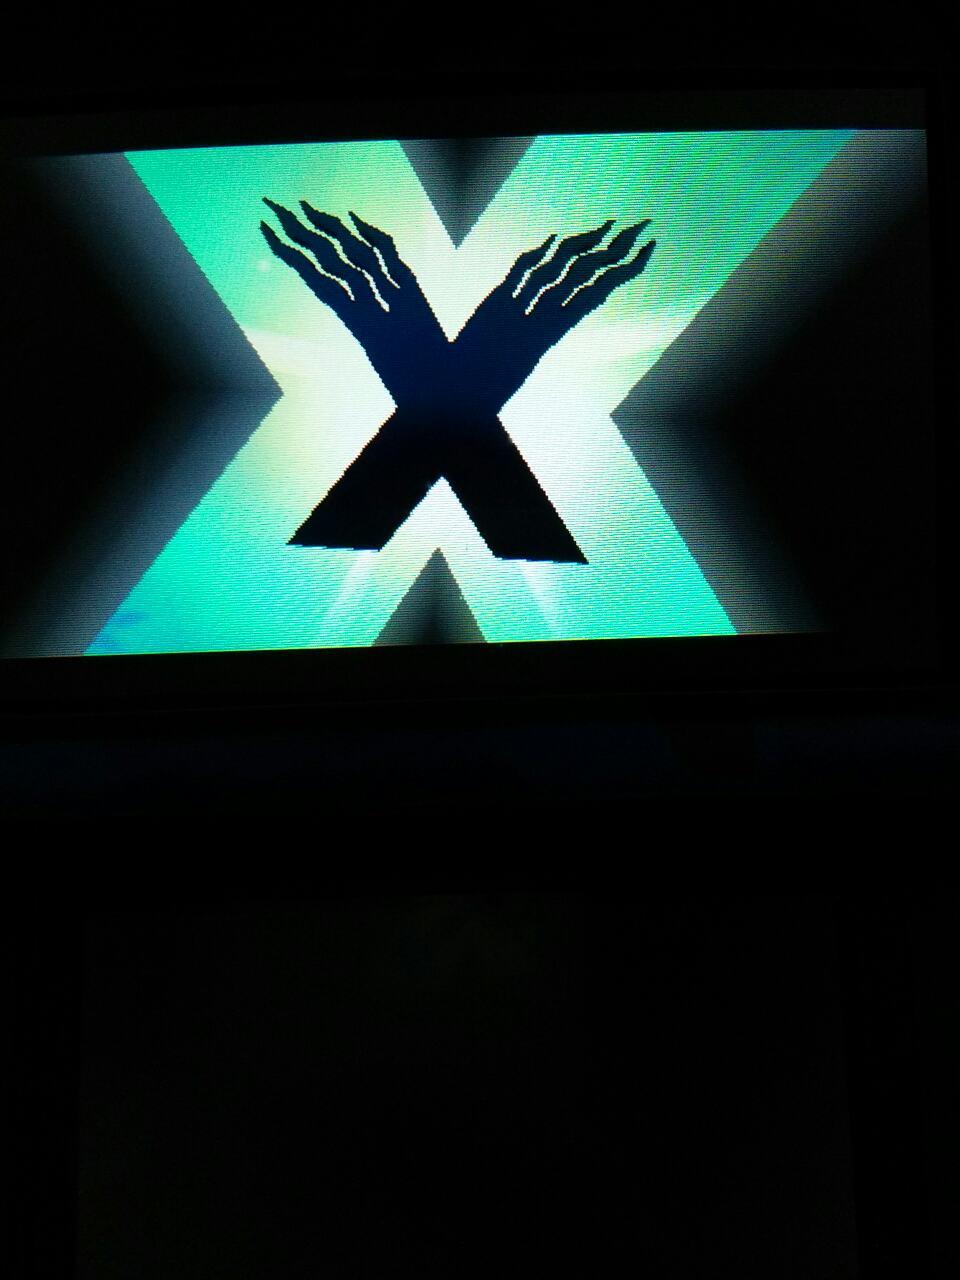 【直播】口袋妖怪X,海姆达尔游戏破解版下载